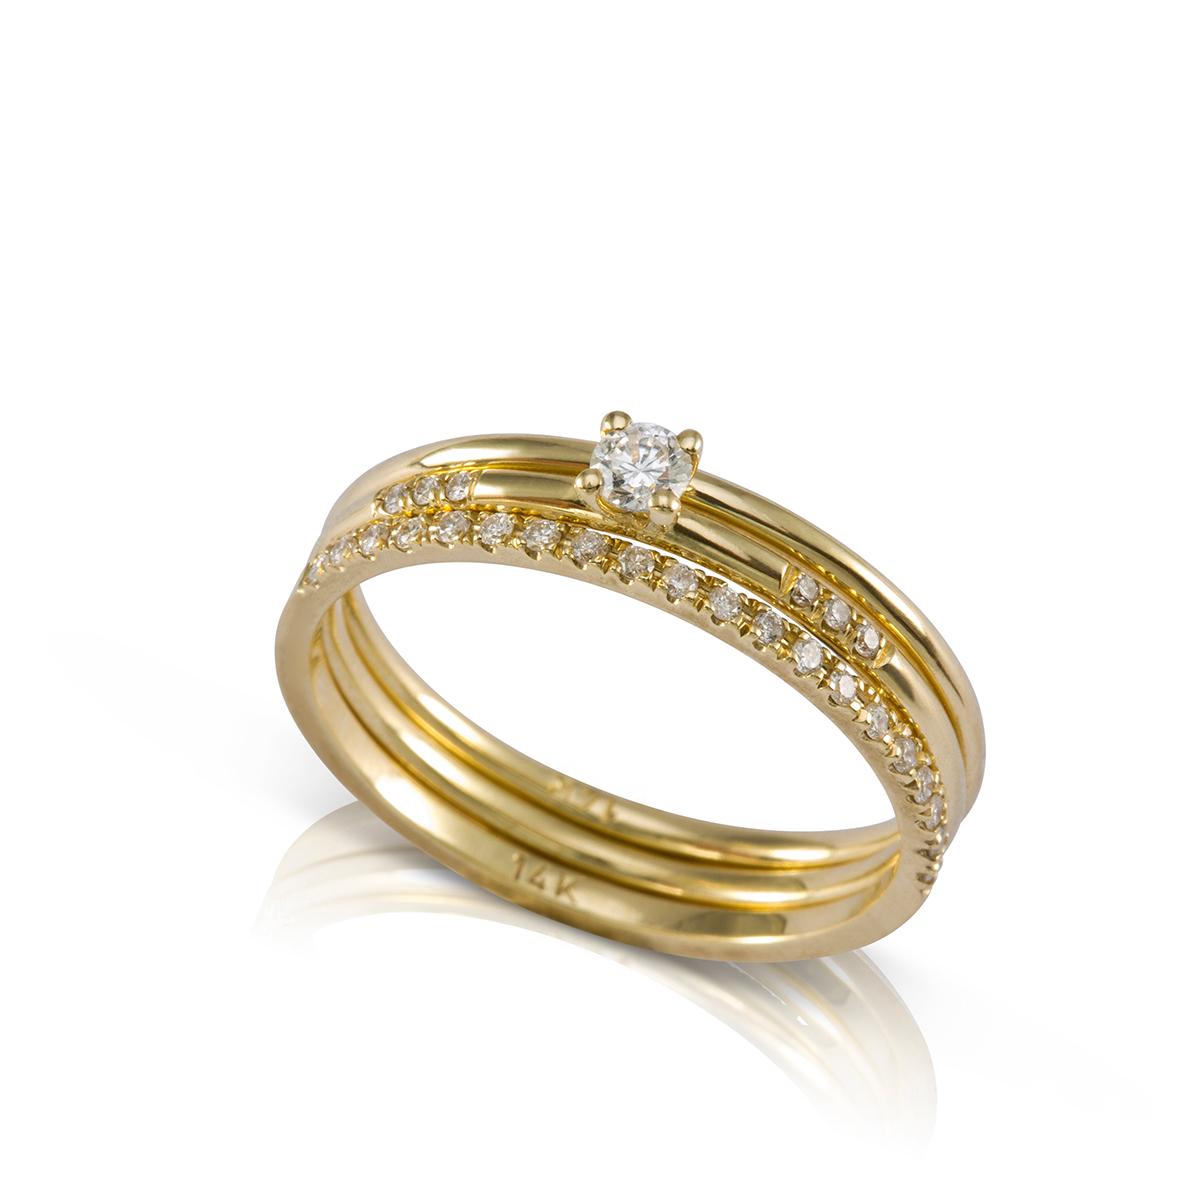 סט 3 טבעות זהב דקות בשילוב יהלומים לבנים